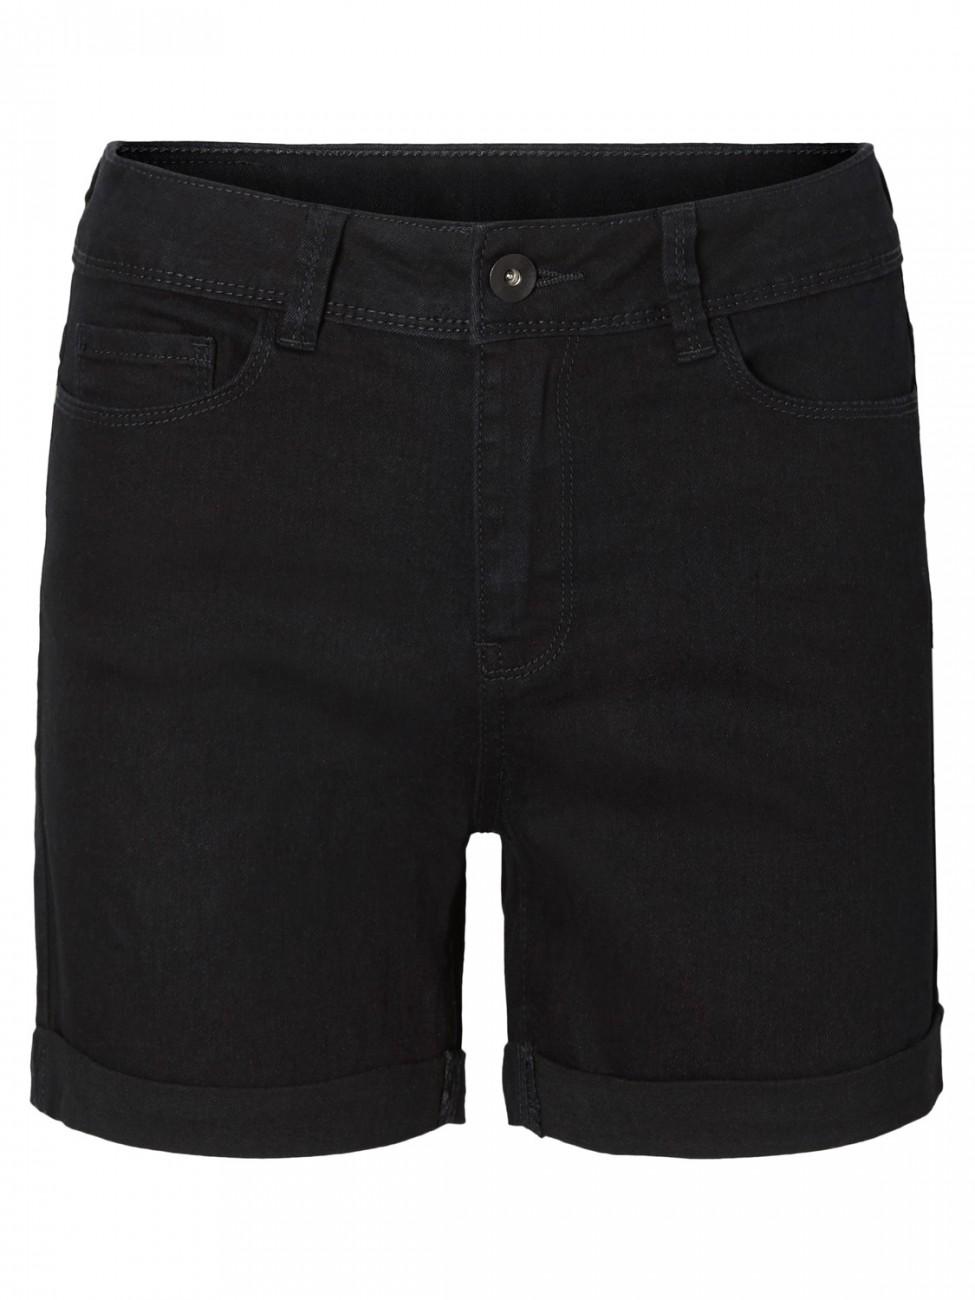 Vero Moda Damen Shorts VMHOT SEVEN NW DNM FOLD SHORTS MIX